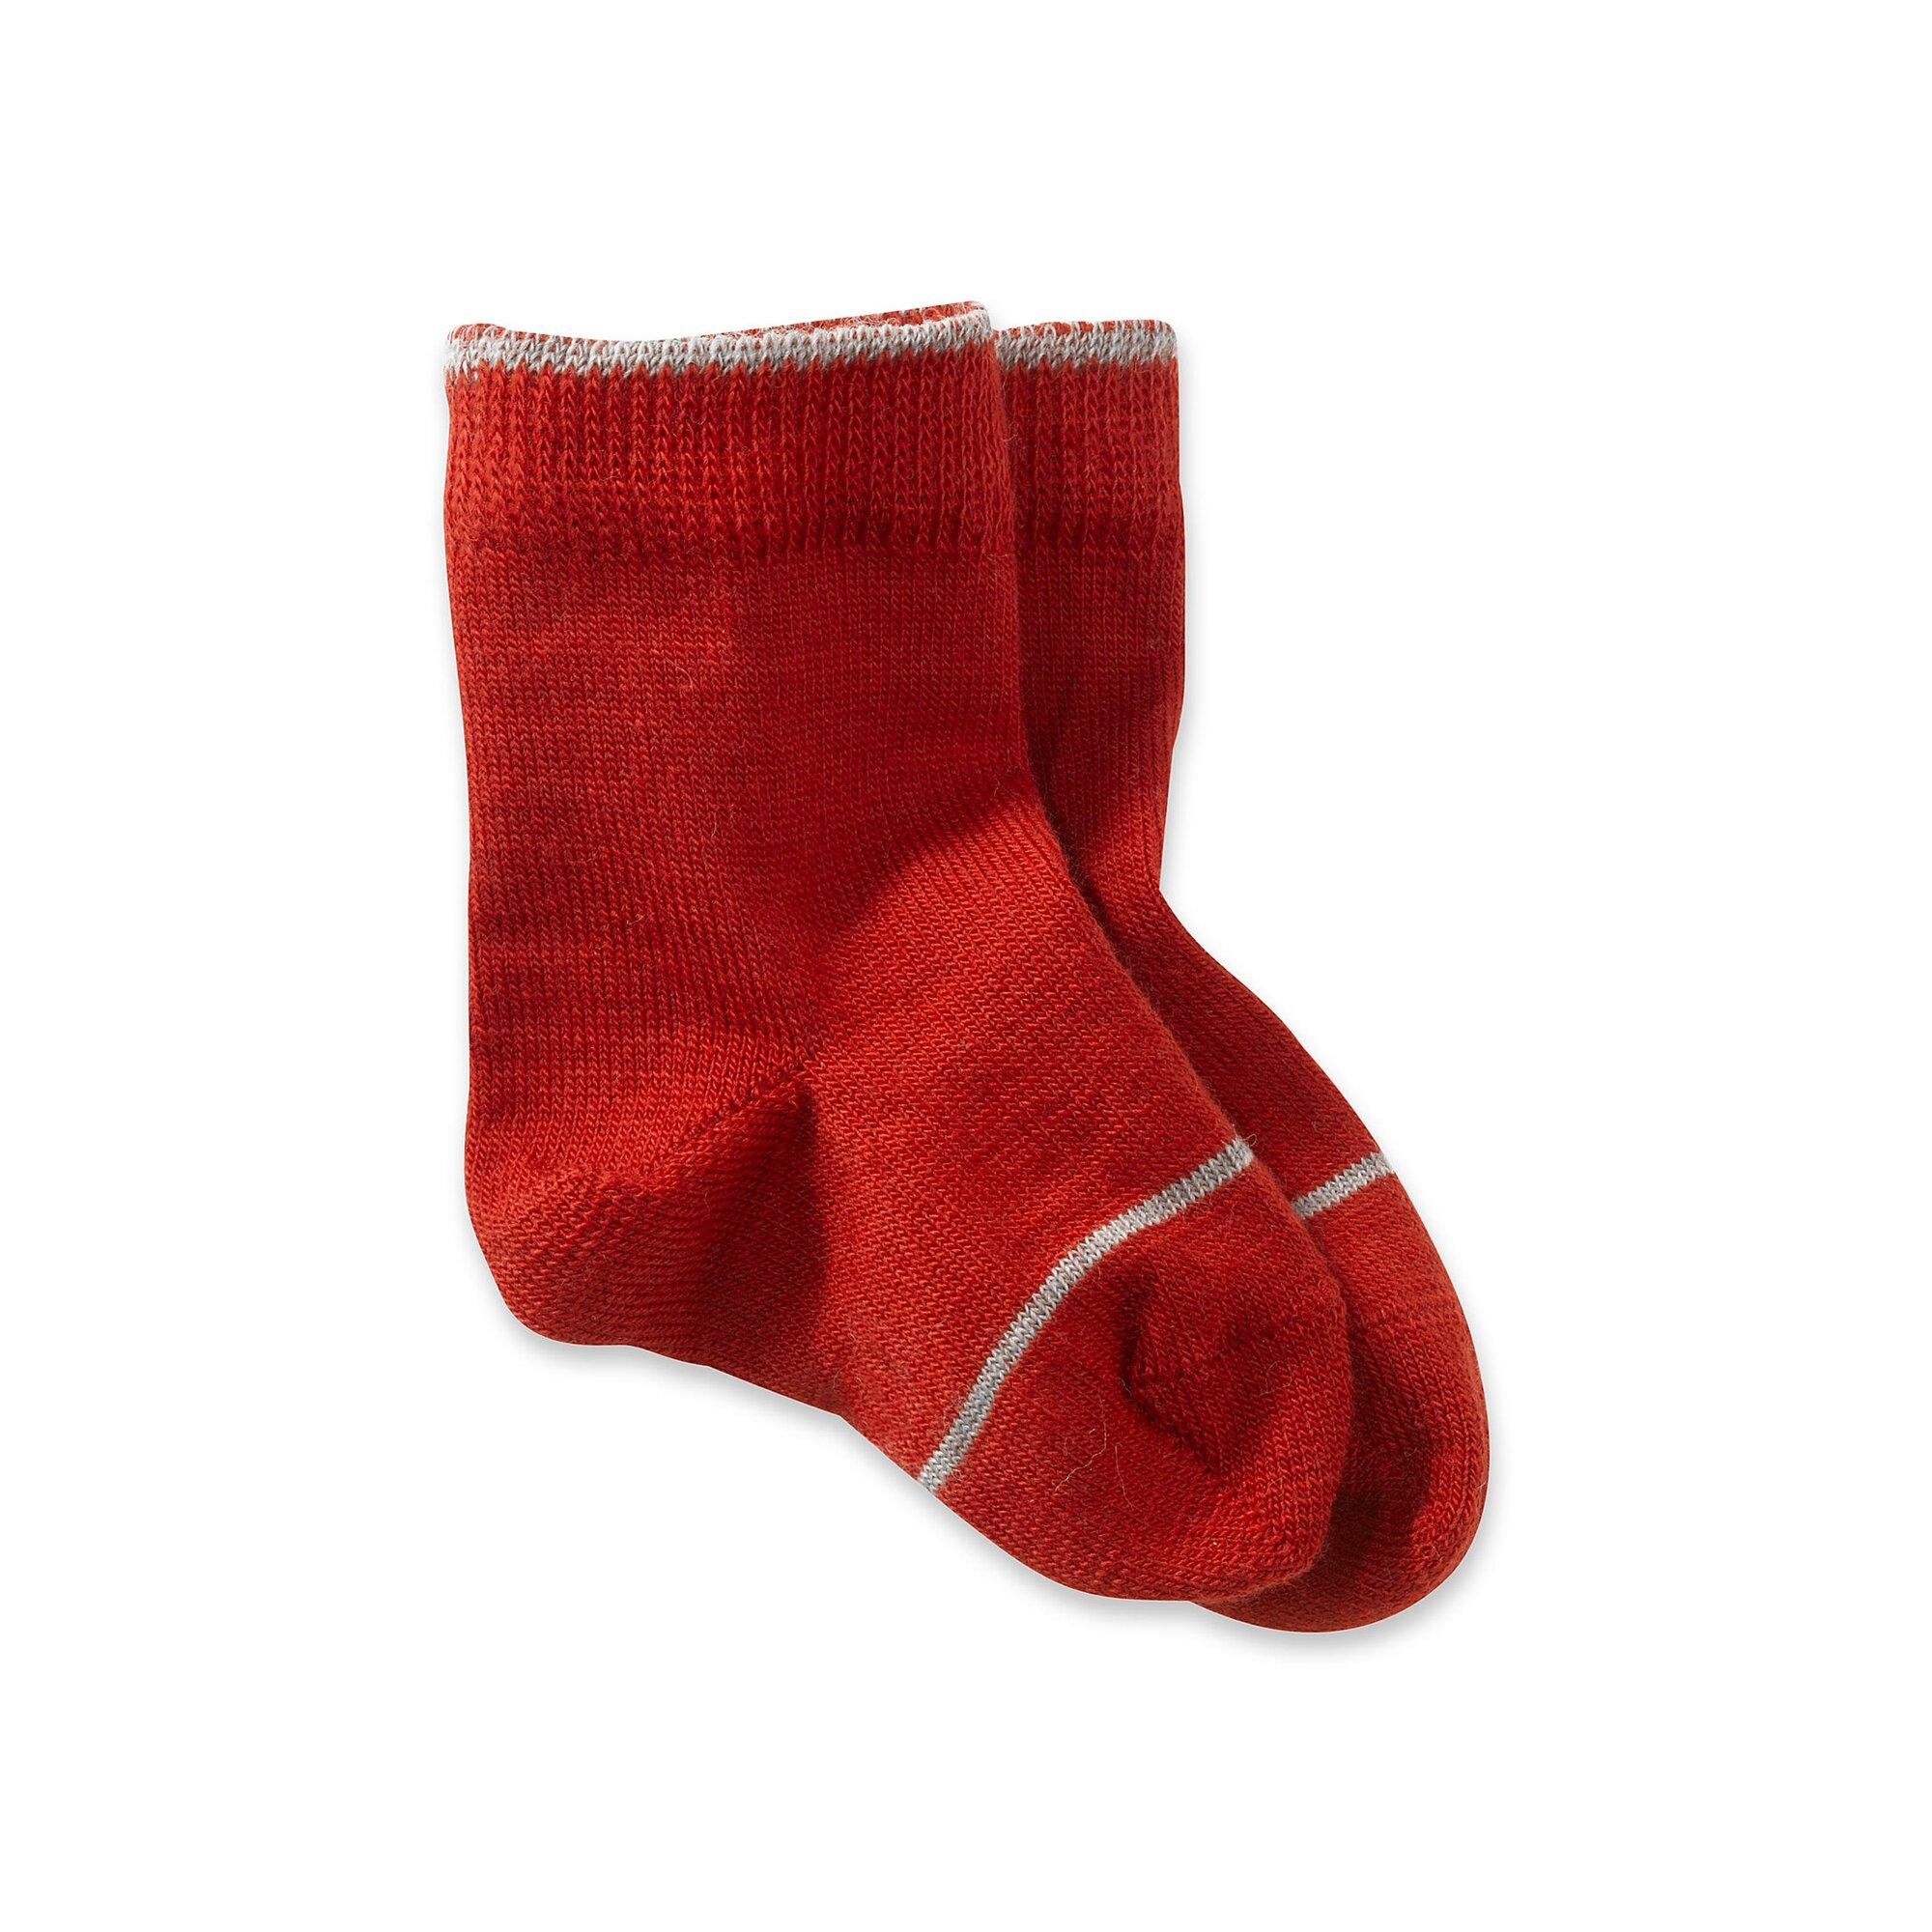 Hessnatur Socke aus Schurwolle mit Baumwolle